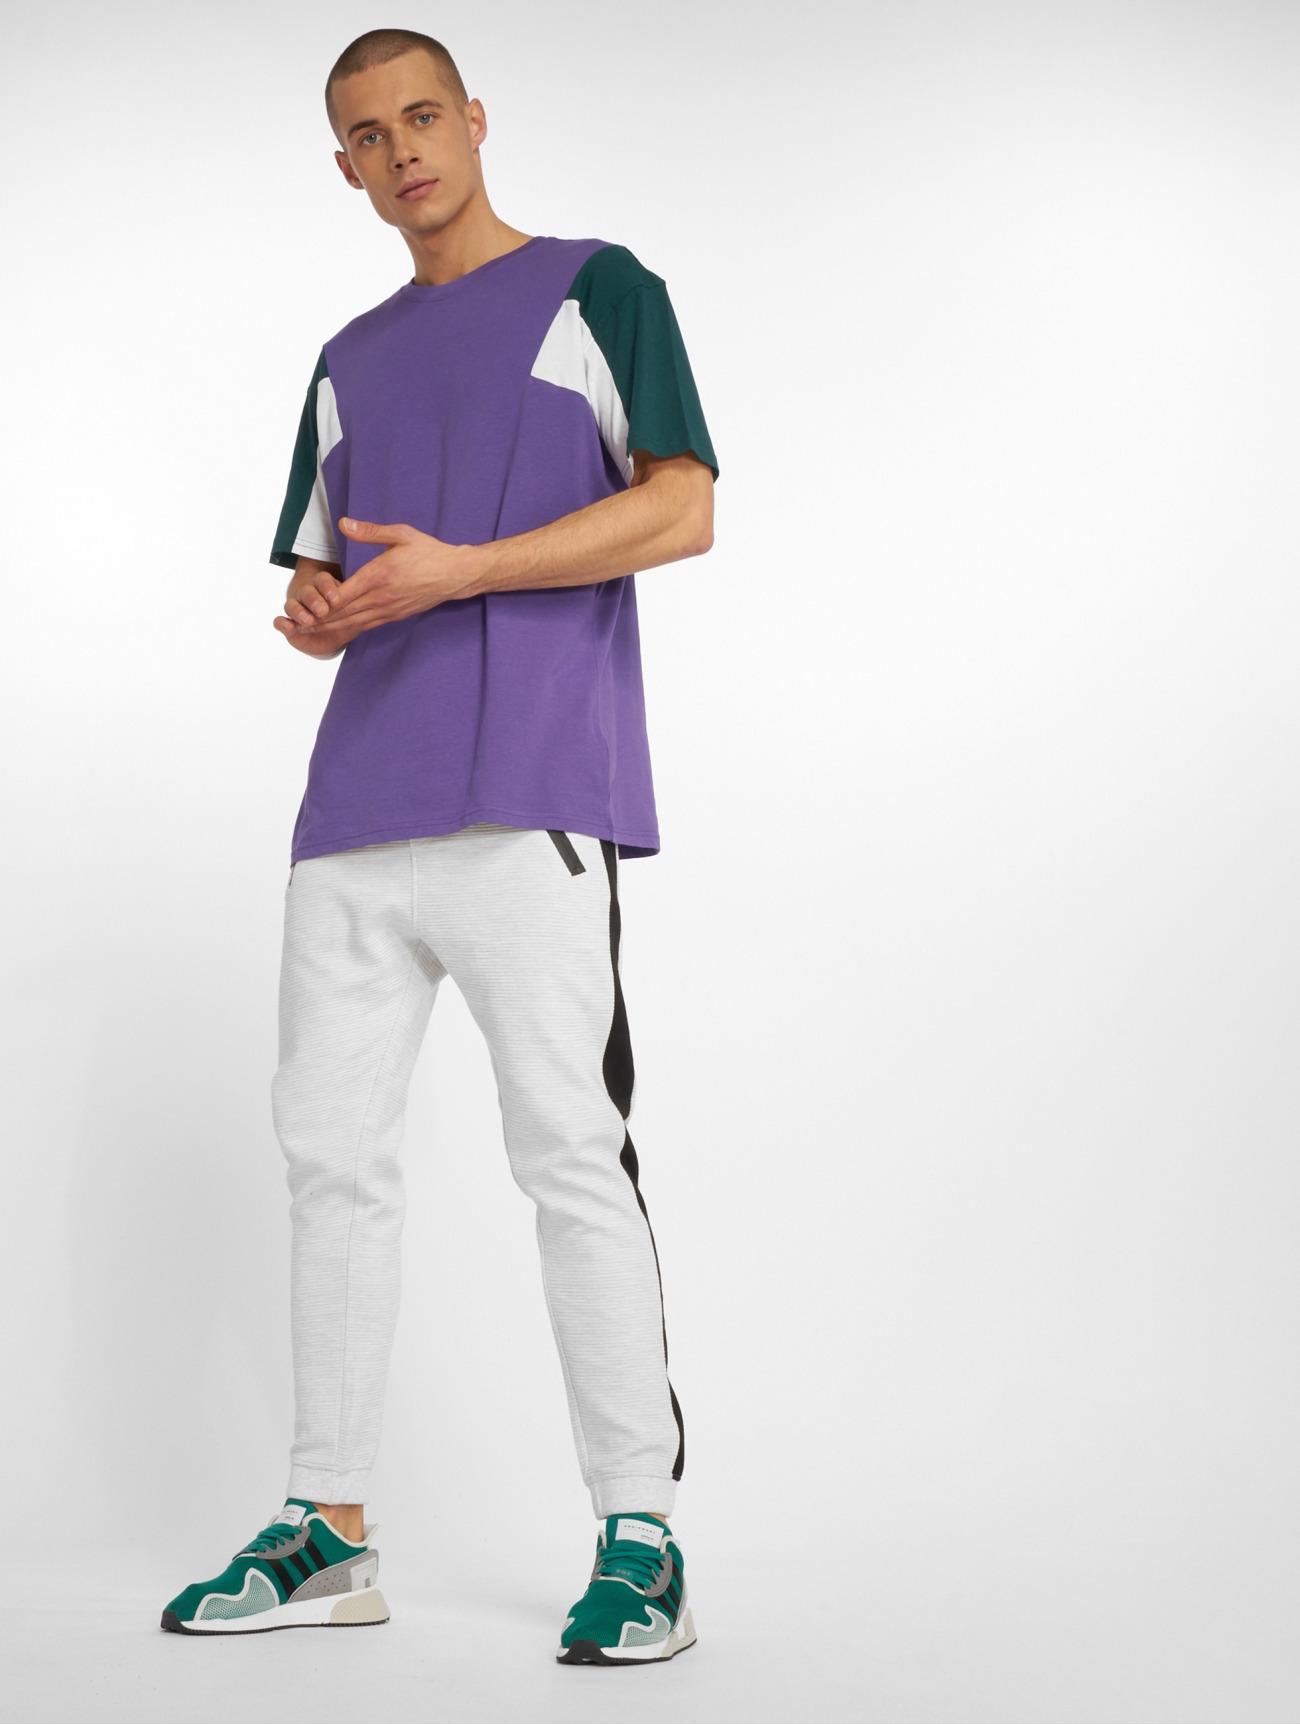 Urban Classics | 3-Tone  pourpre Homme T-Shirt  562865| Homme Hauts